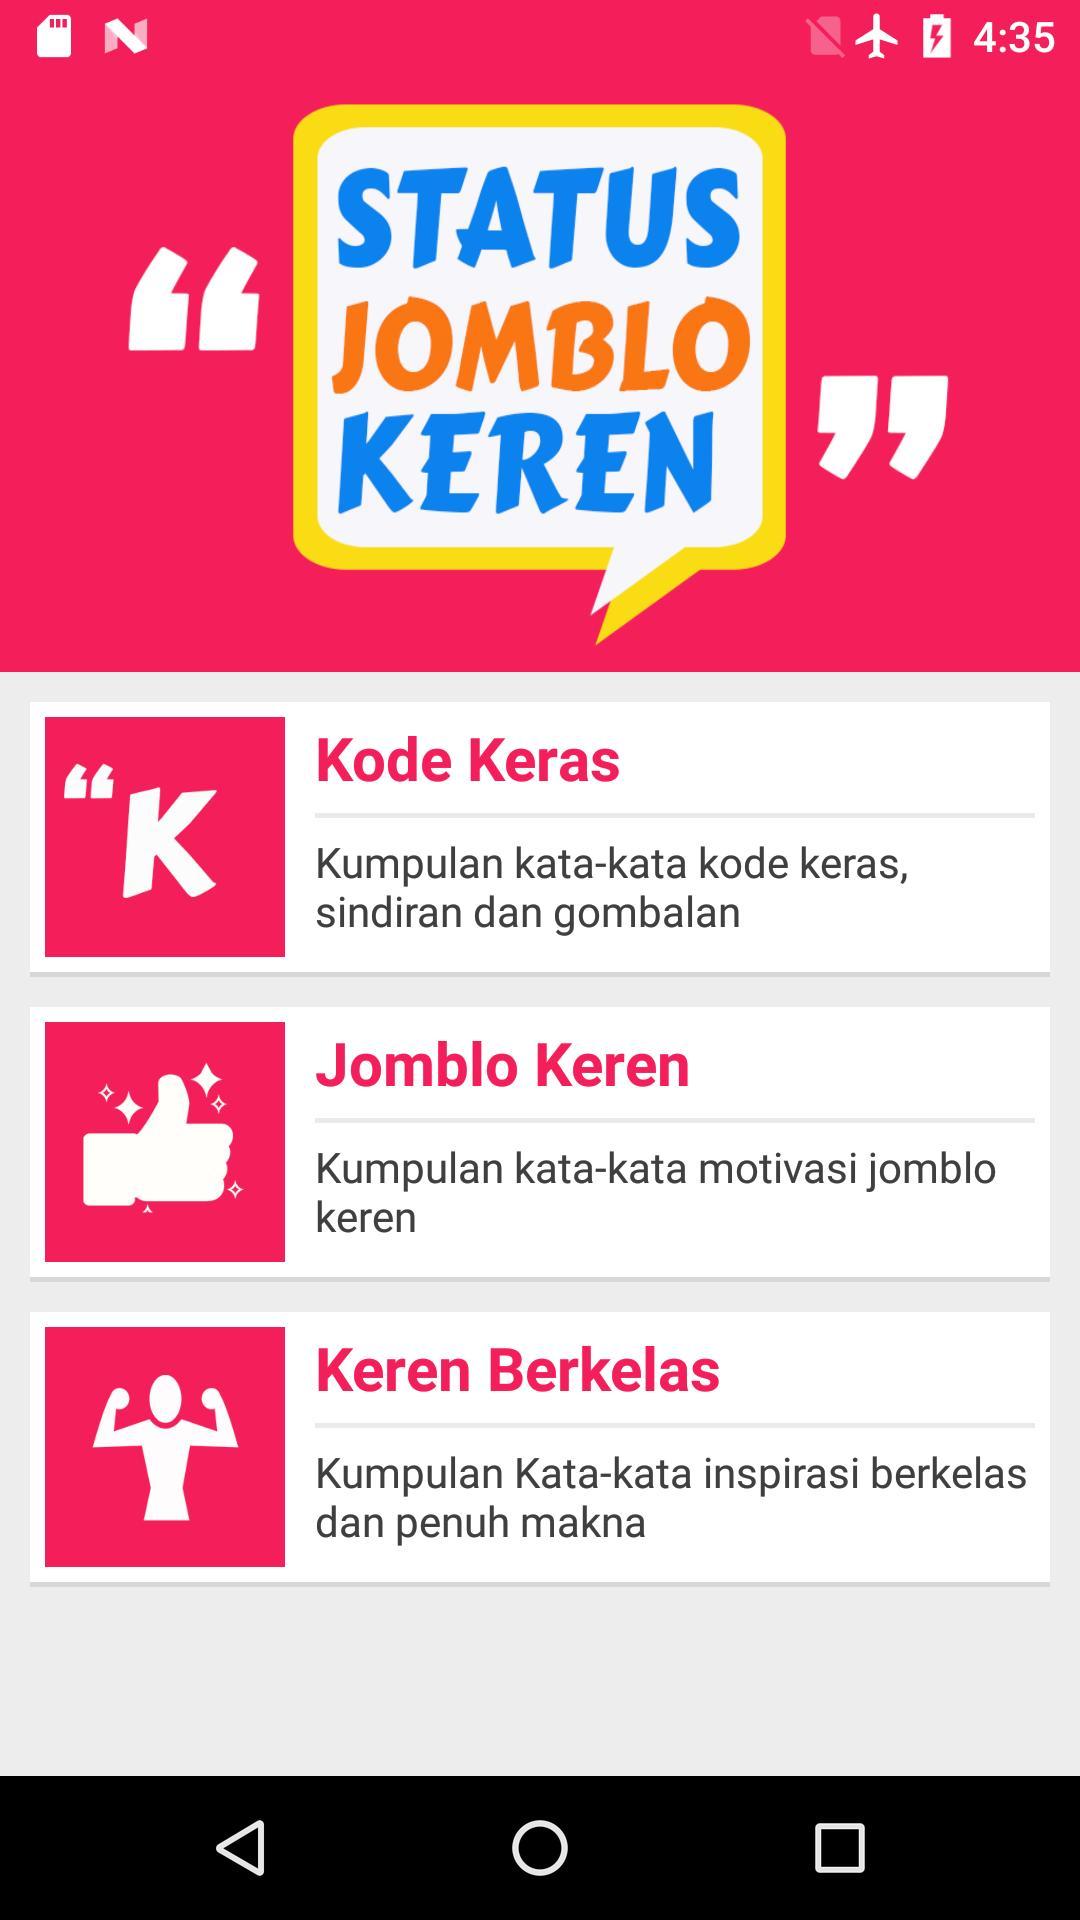 Status Jomblo Keren For Android Apk Download